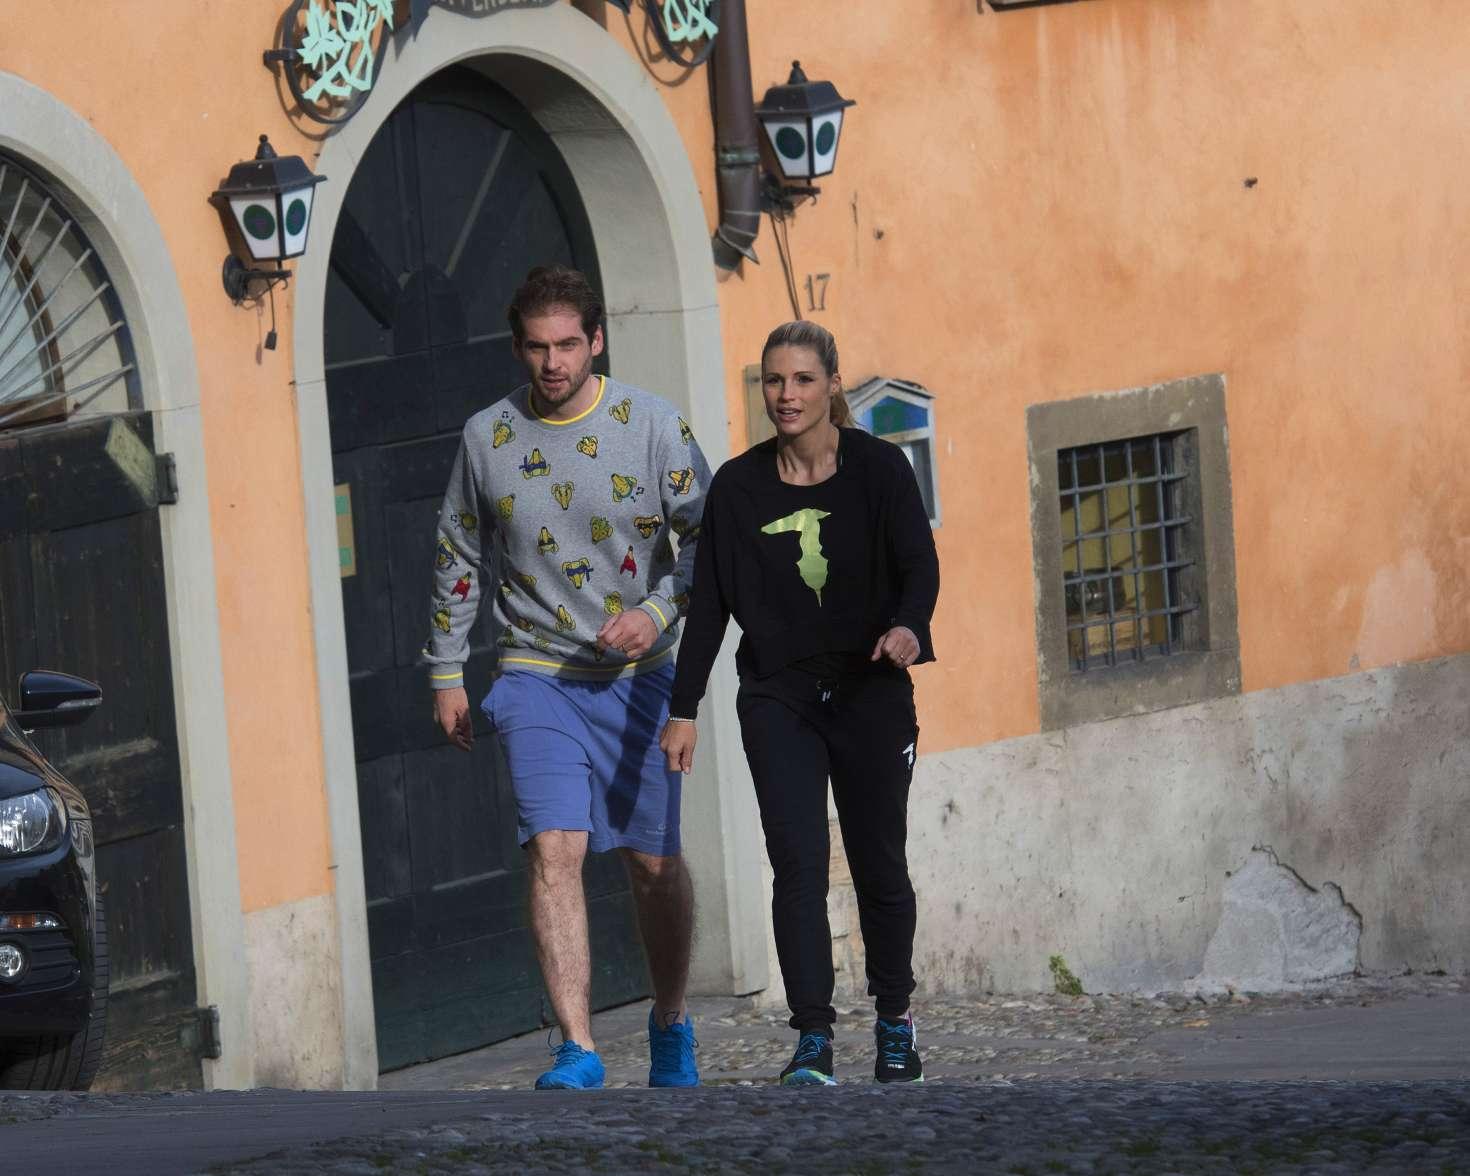 Michelle Hunziker 2017 : Michelle Hunziker out in Bergamo -02